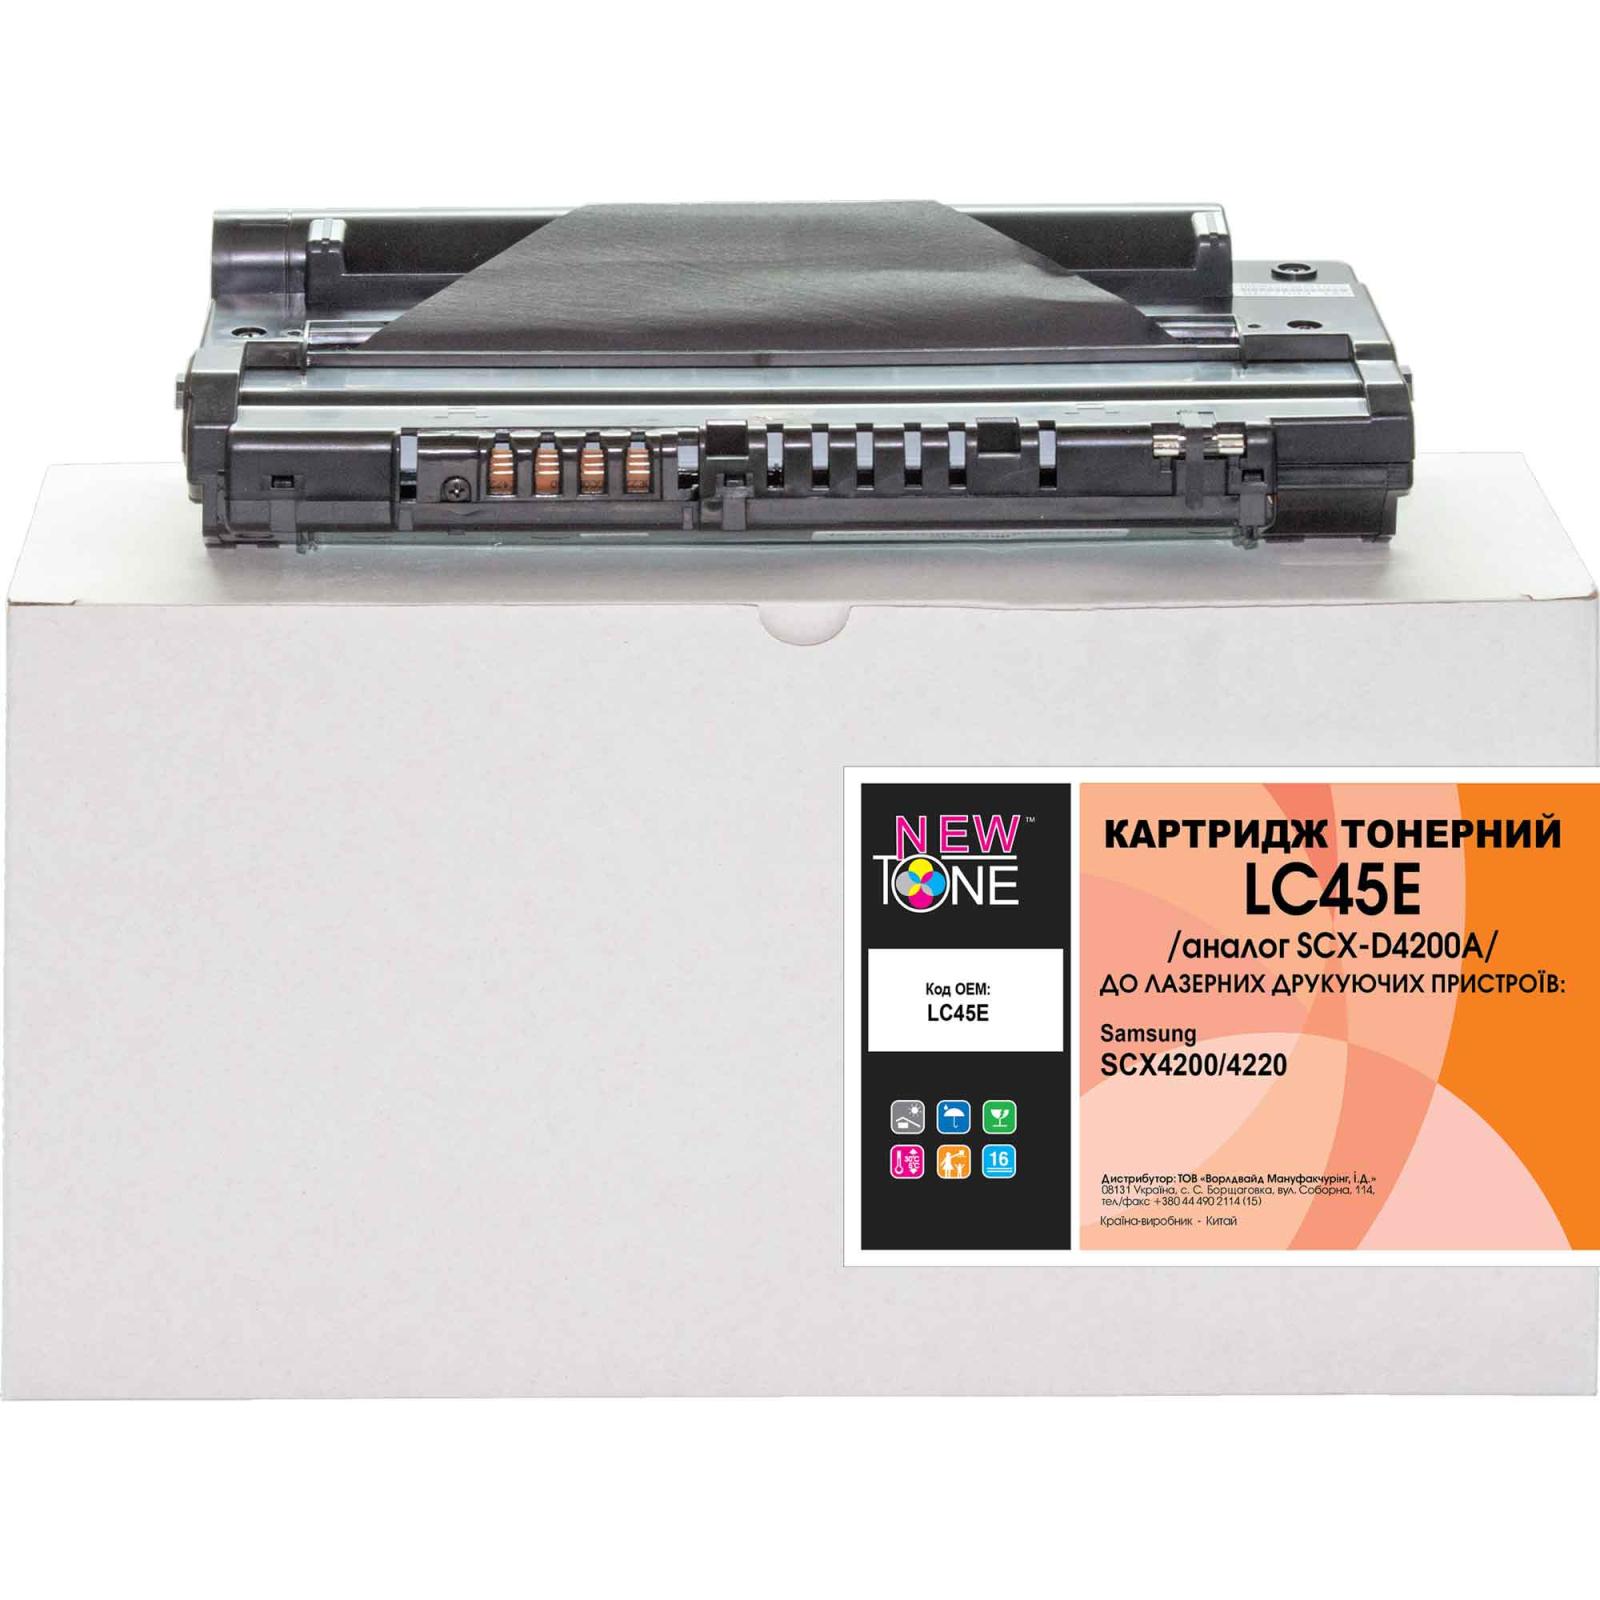 Картридж NewTone для Samsung SCX-4200/4220 (LC45E)